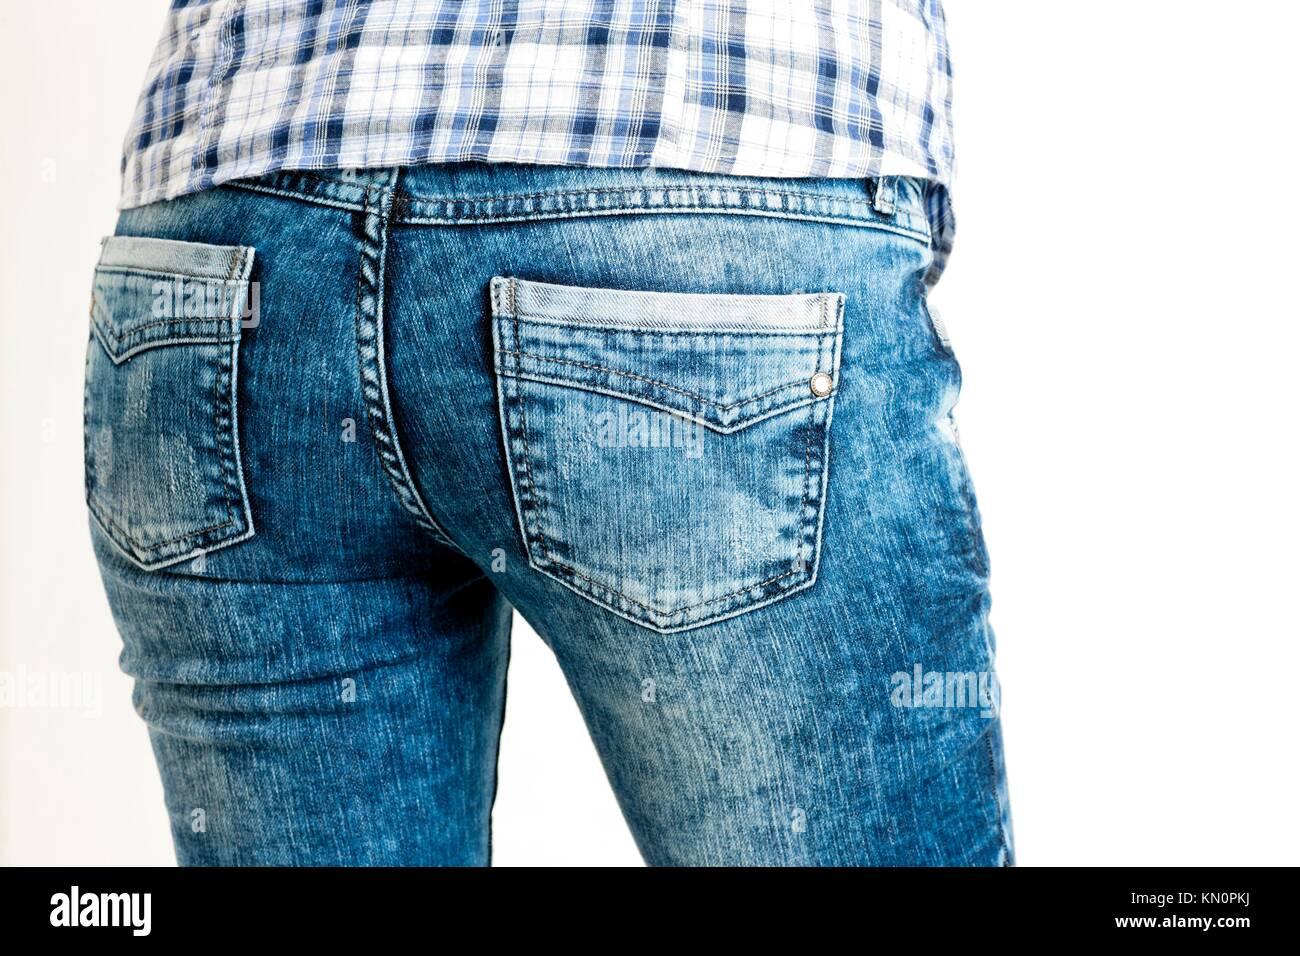 Резултат со слика за photoos of women JEANS PANTS